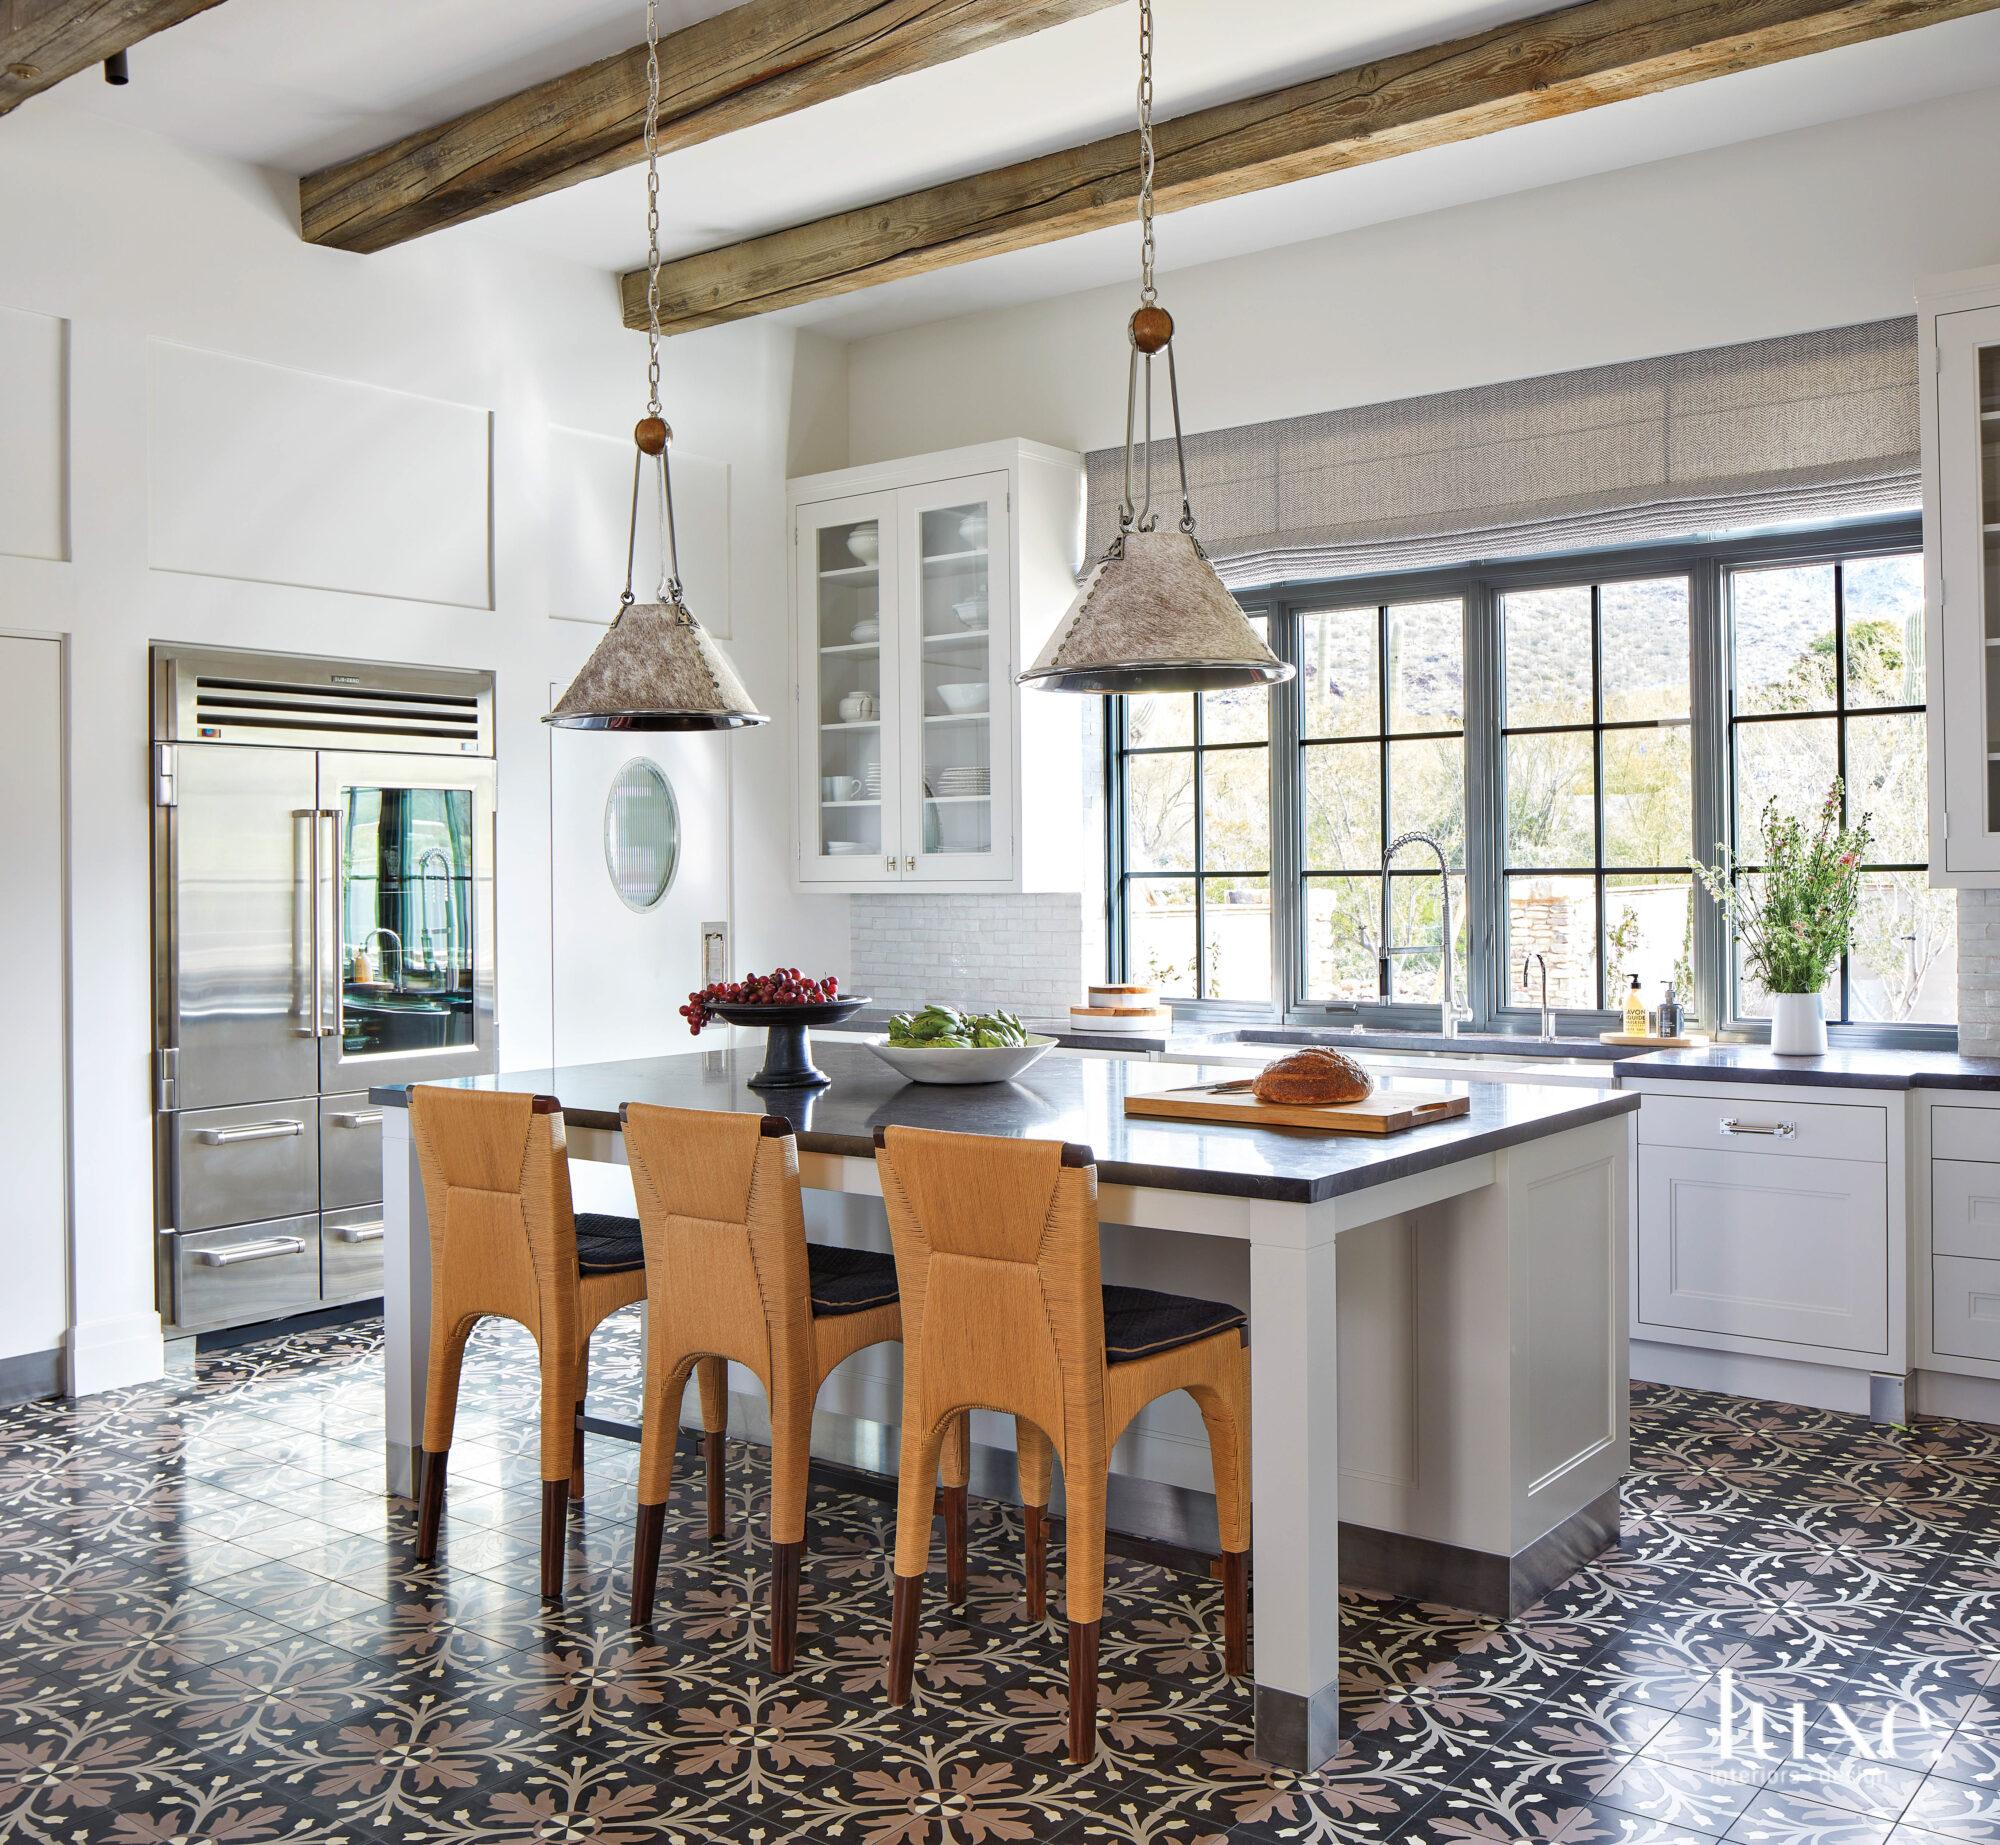 A bright Mediterranean style kitchen...